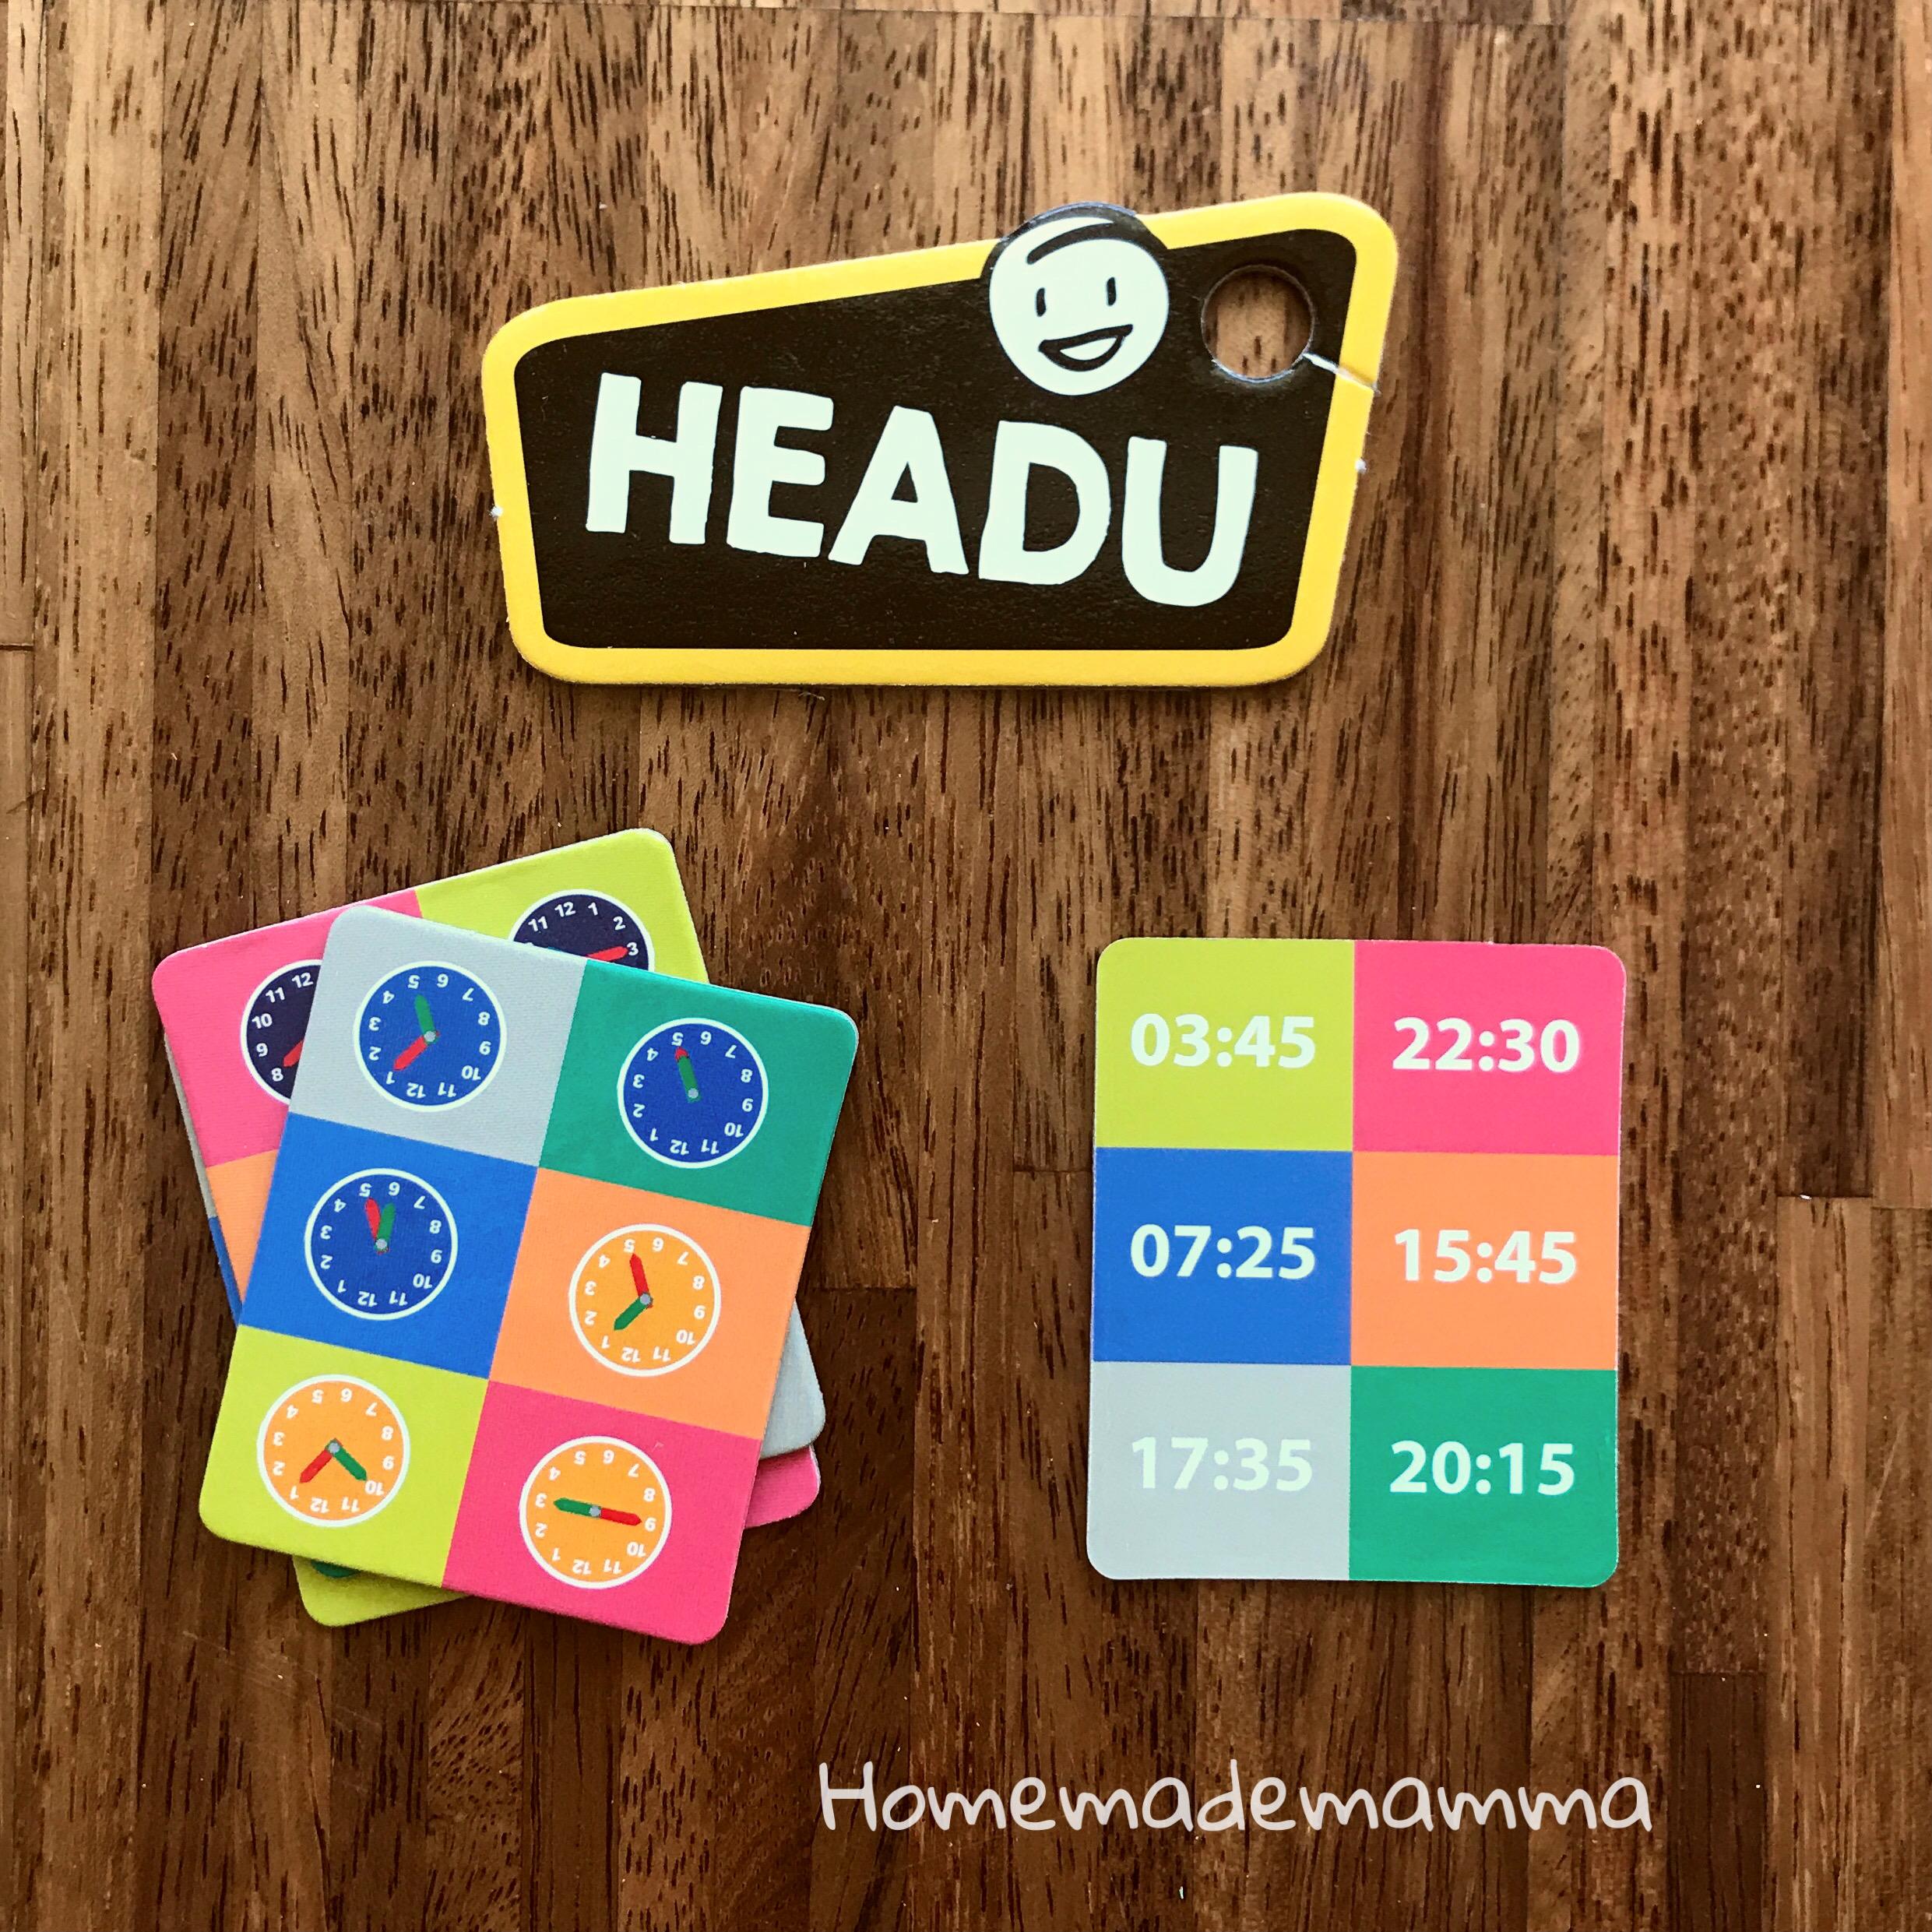 Gioco In scatola per imparare a leggere l'ora E l'orologio Bambini